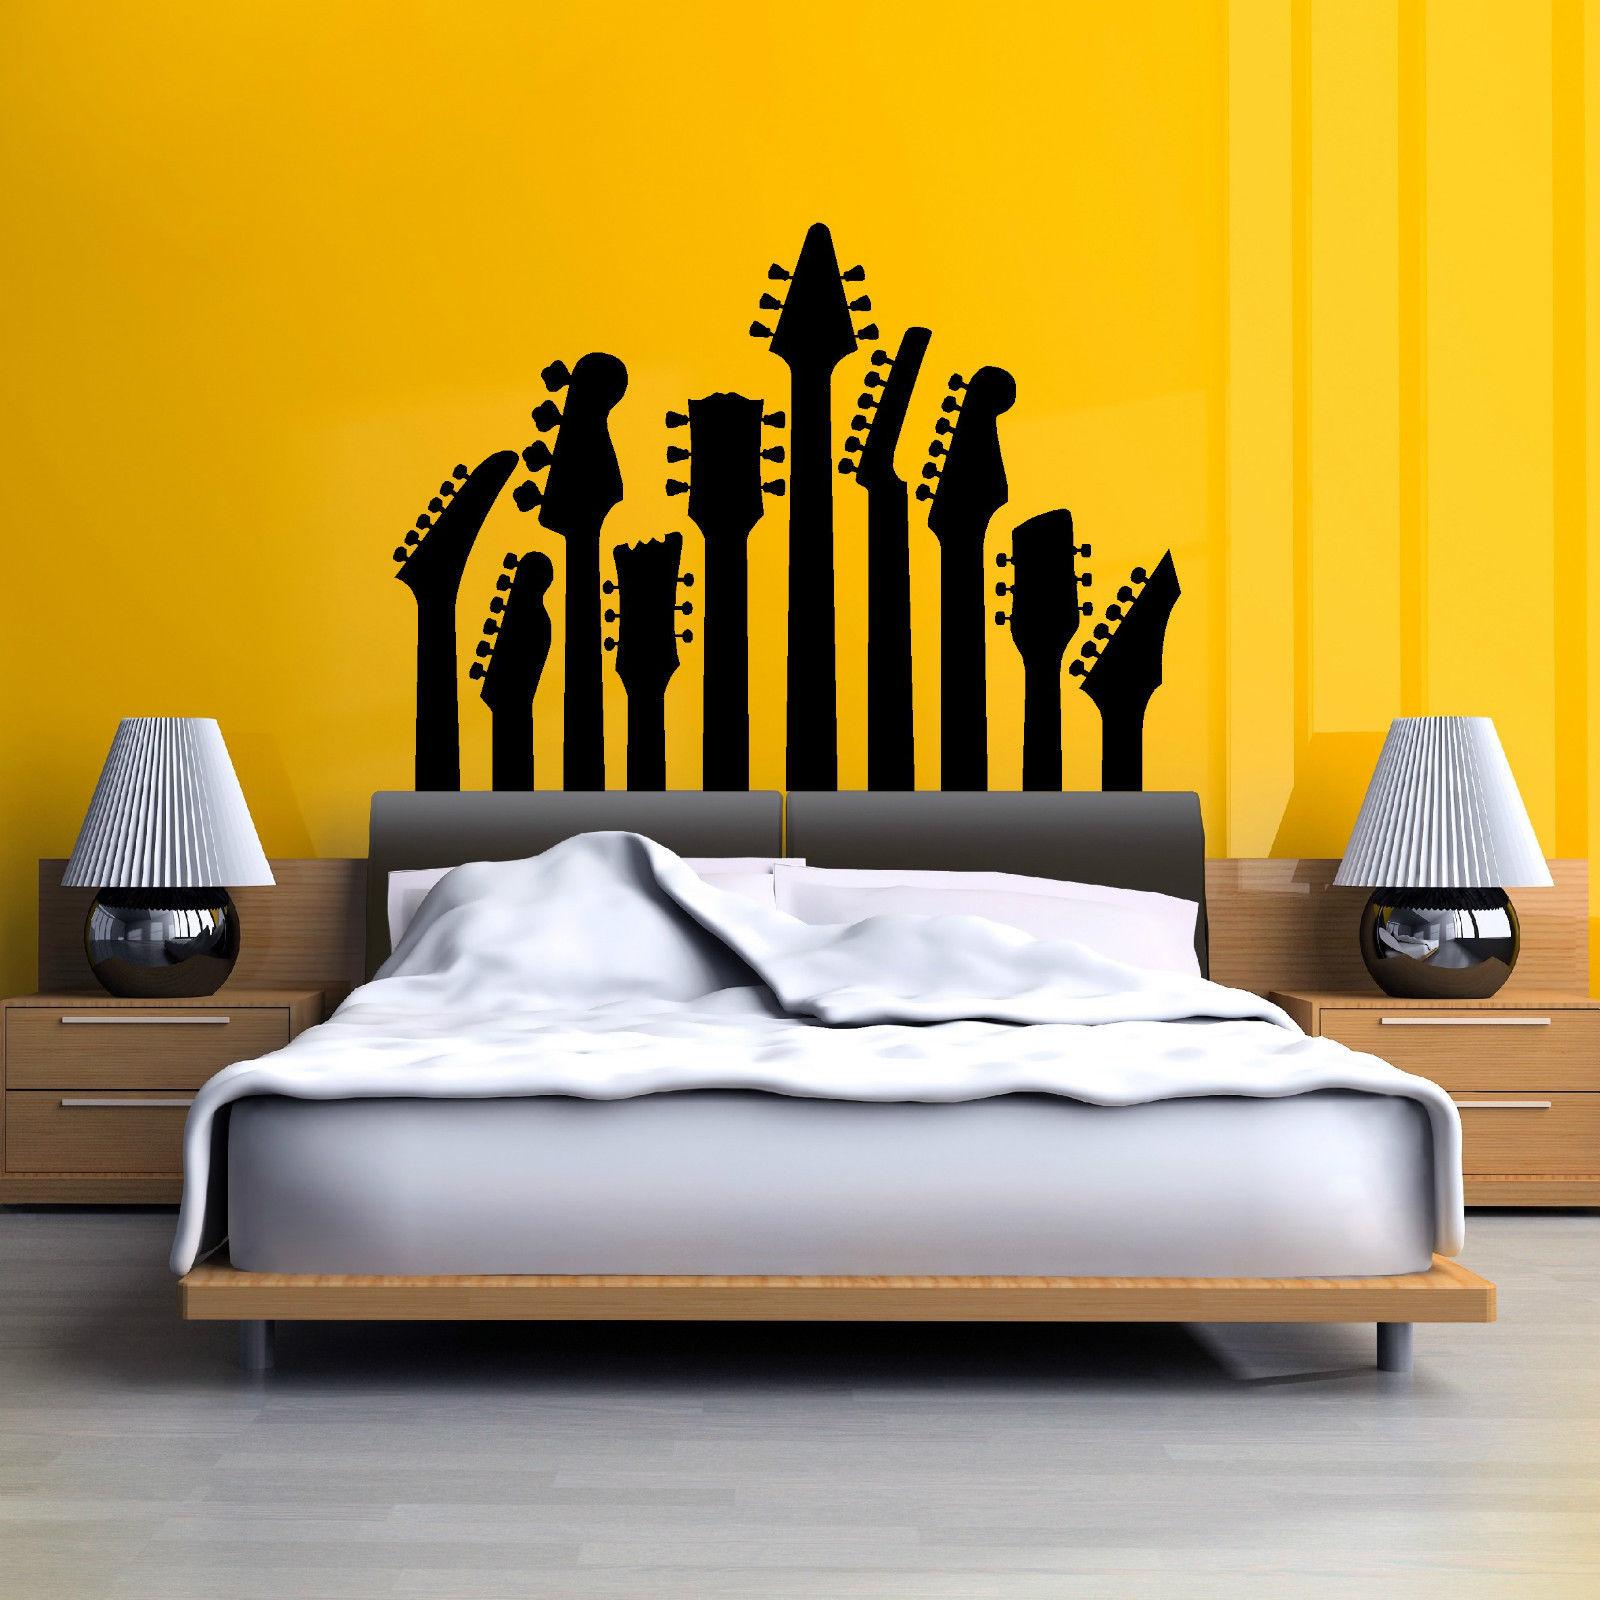 40 ide warna cat kamar tidur yang lagi ngetrend 2019 | dekor rumah